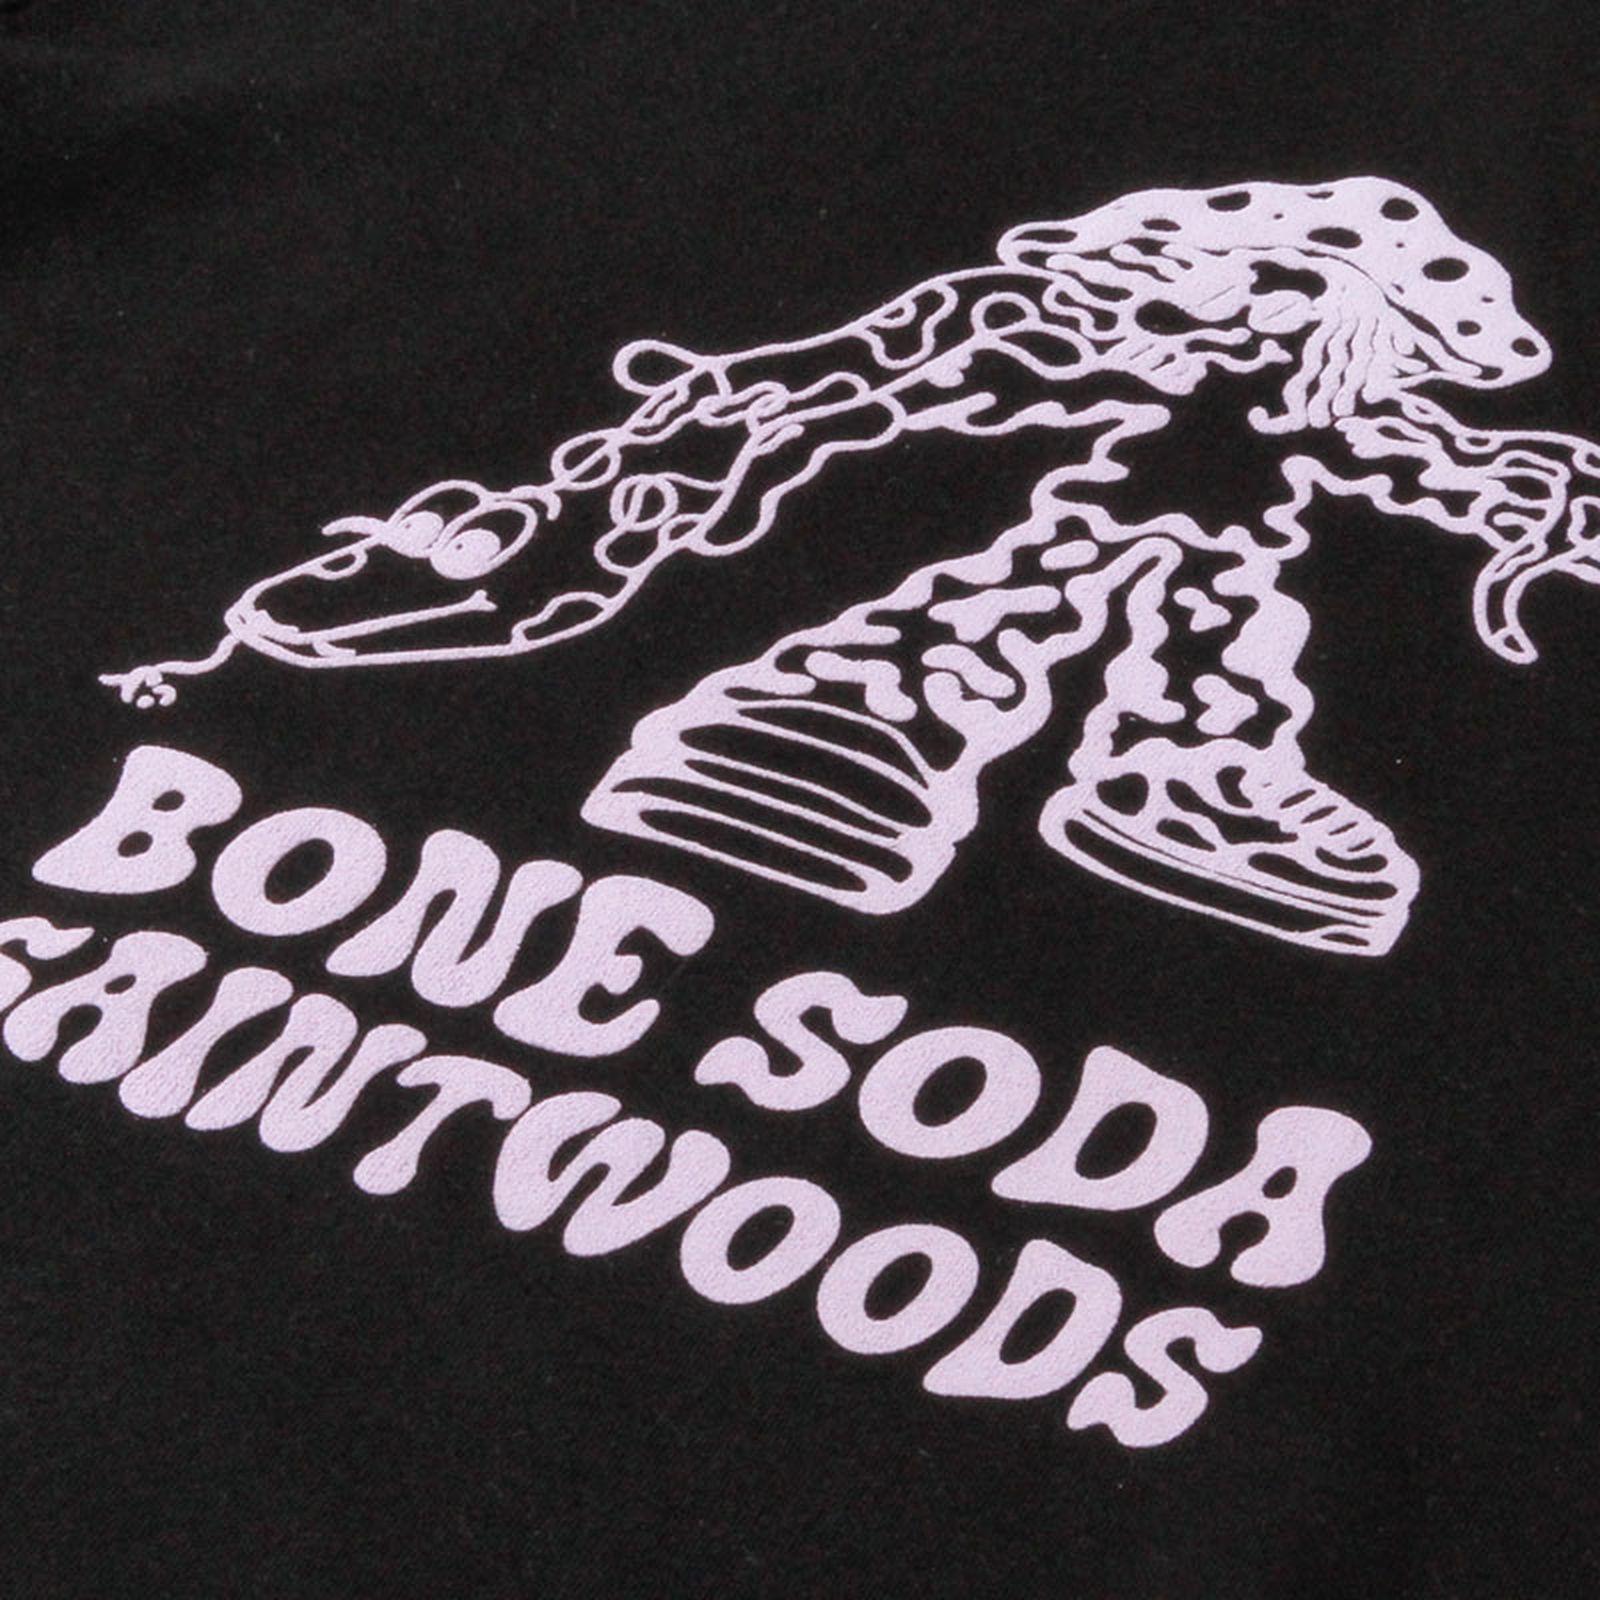 8saintwoods bone sofa capsule flat shots Bone Soda